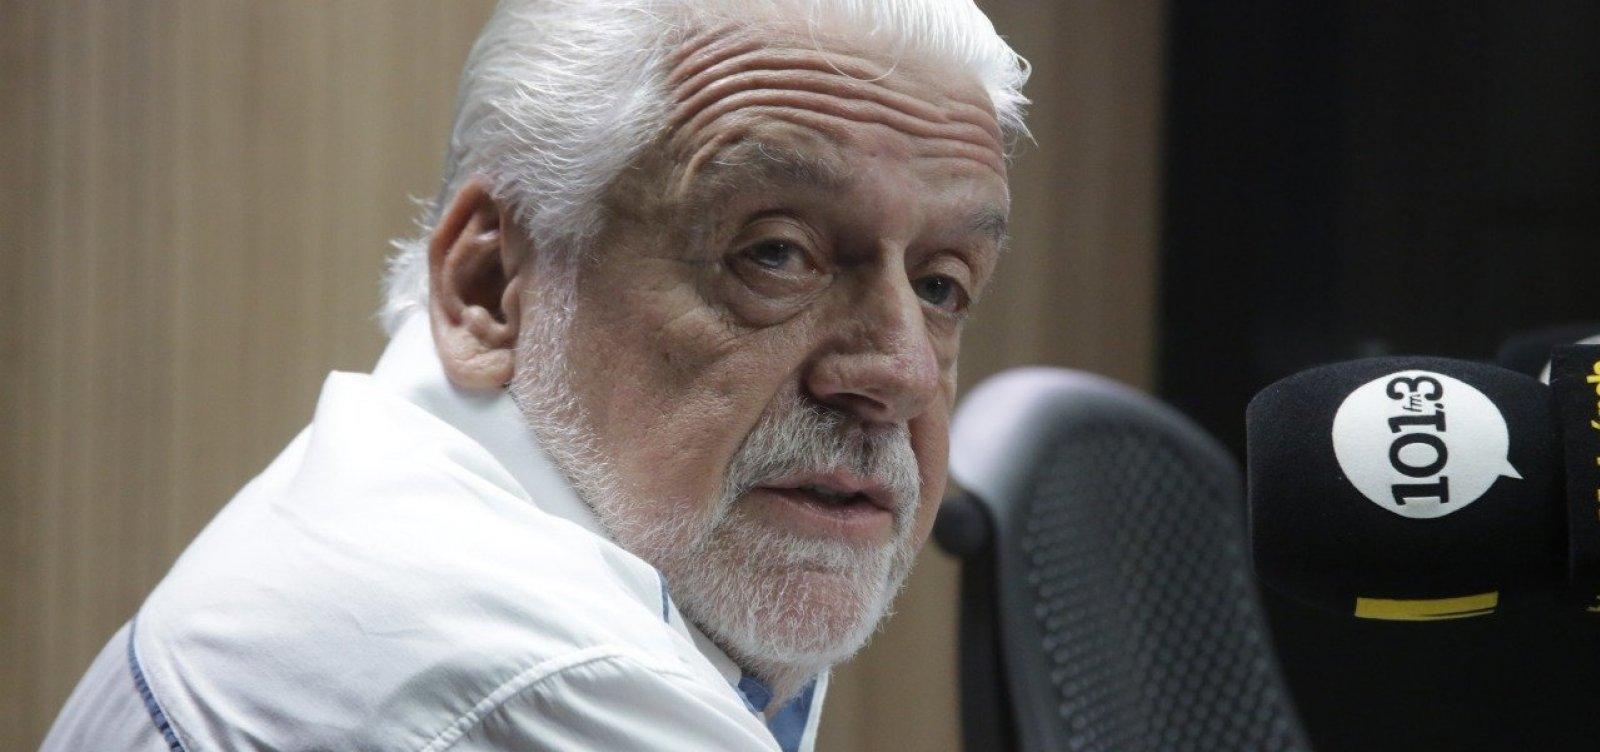 [Wagner diz que apreensão de cocaína em mala é 'castigo' após Bolsonaro vetar bagagem gratuita]